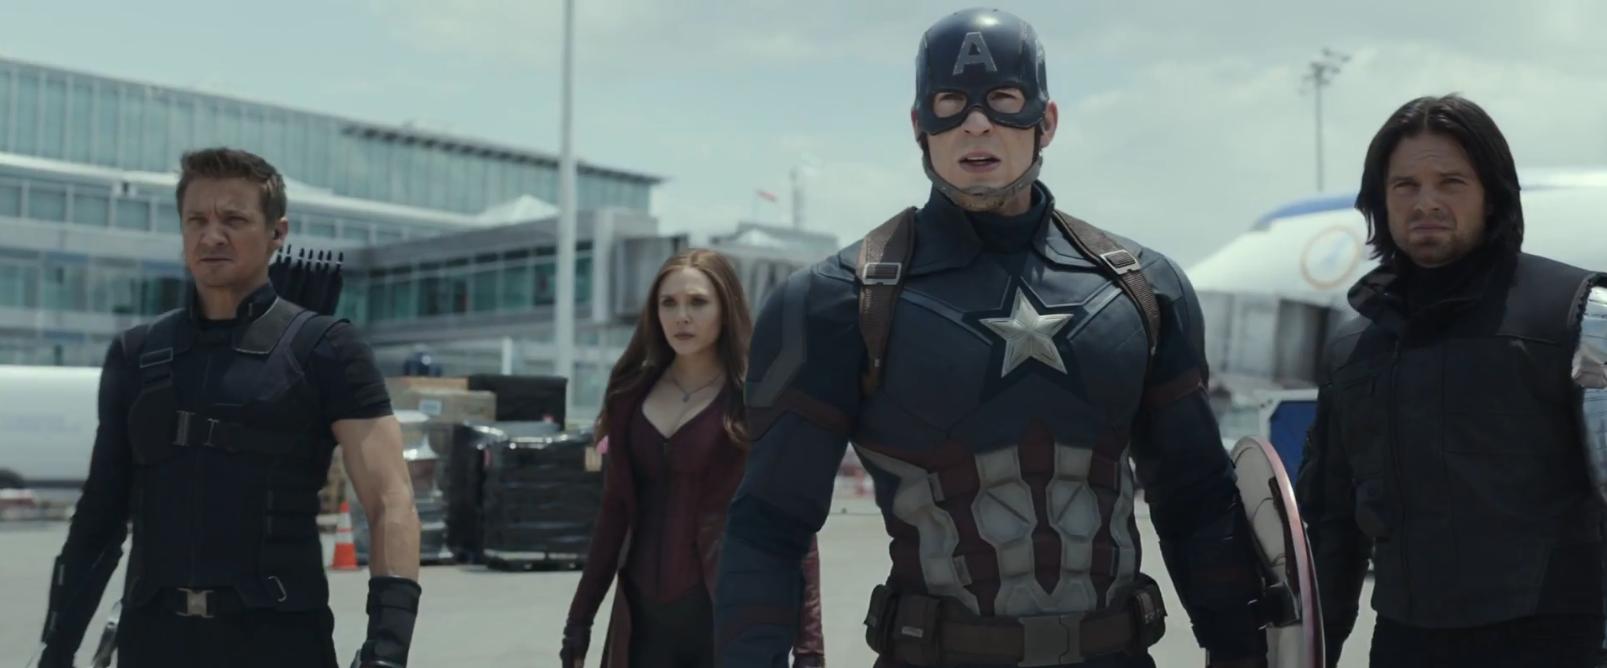 Captain America: Civil War, Cap e la sua squadra nel primo trailer del film Marvel